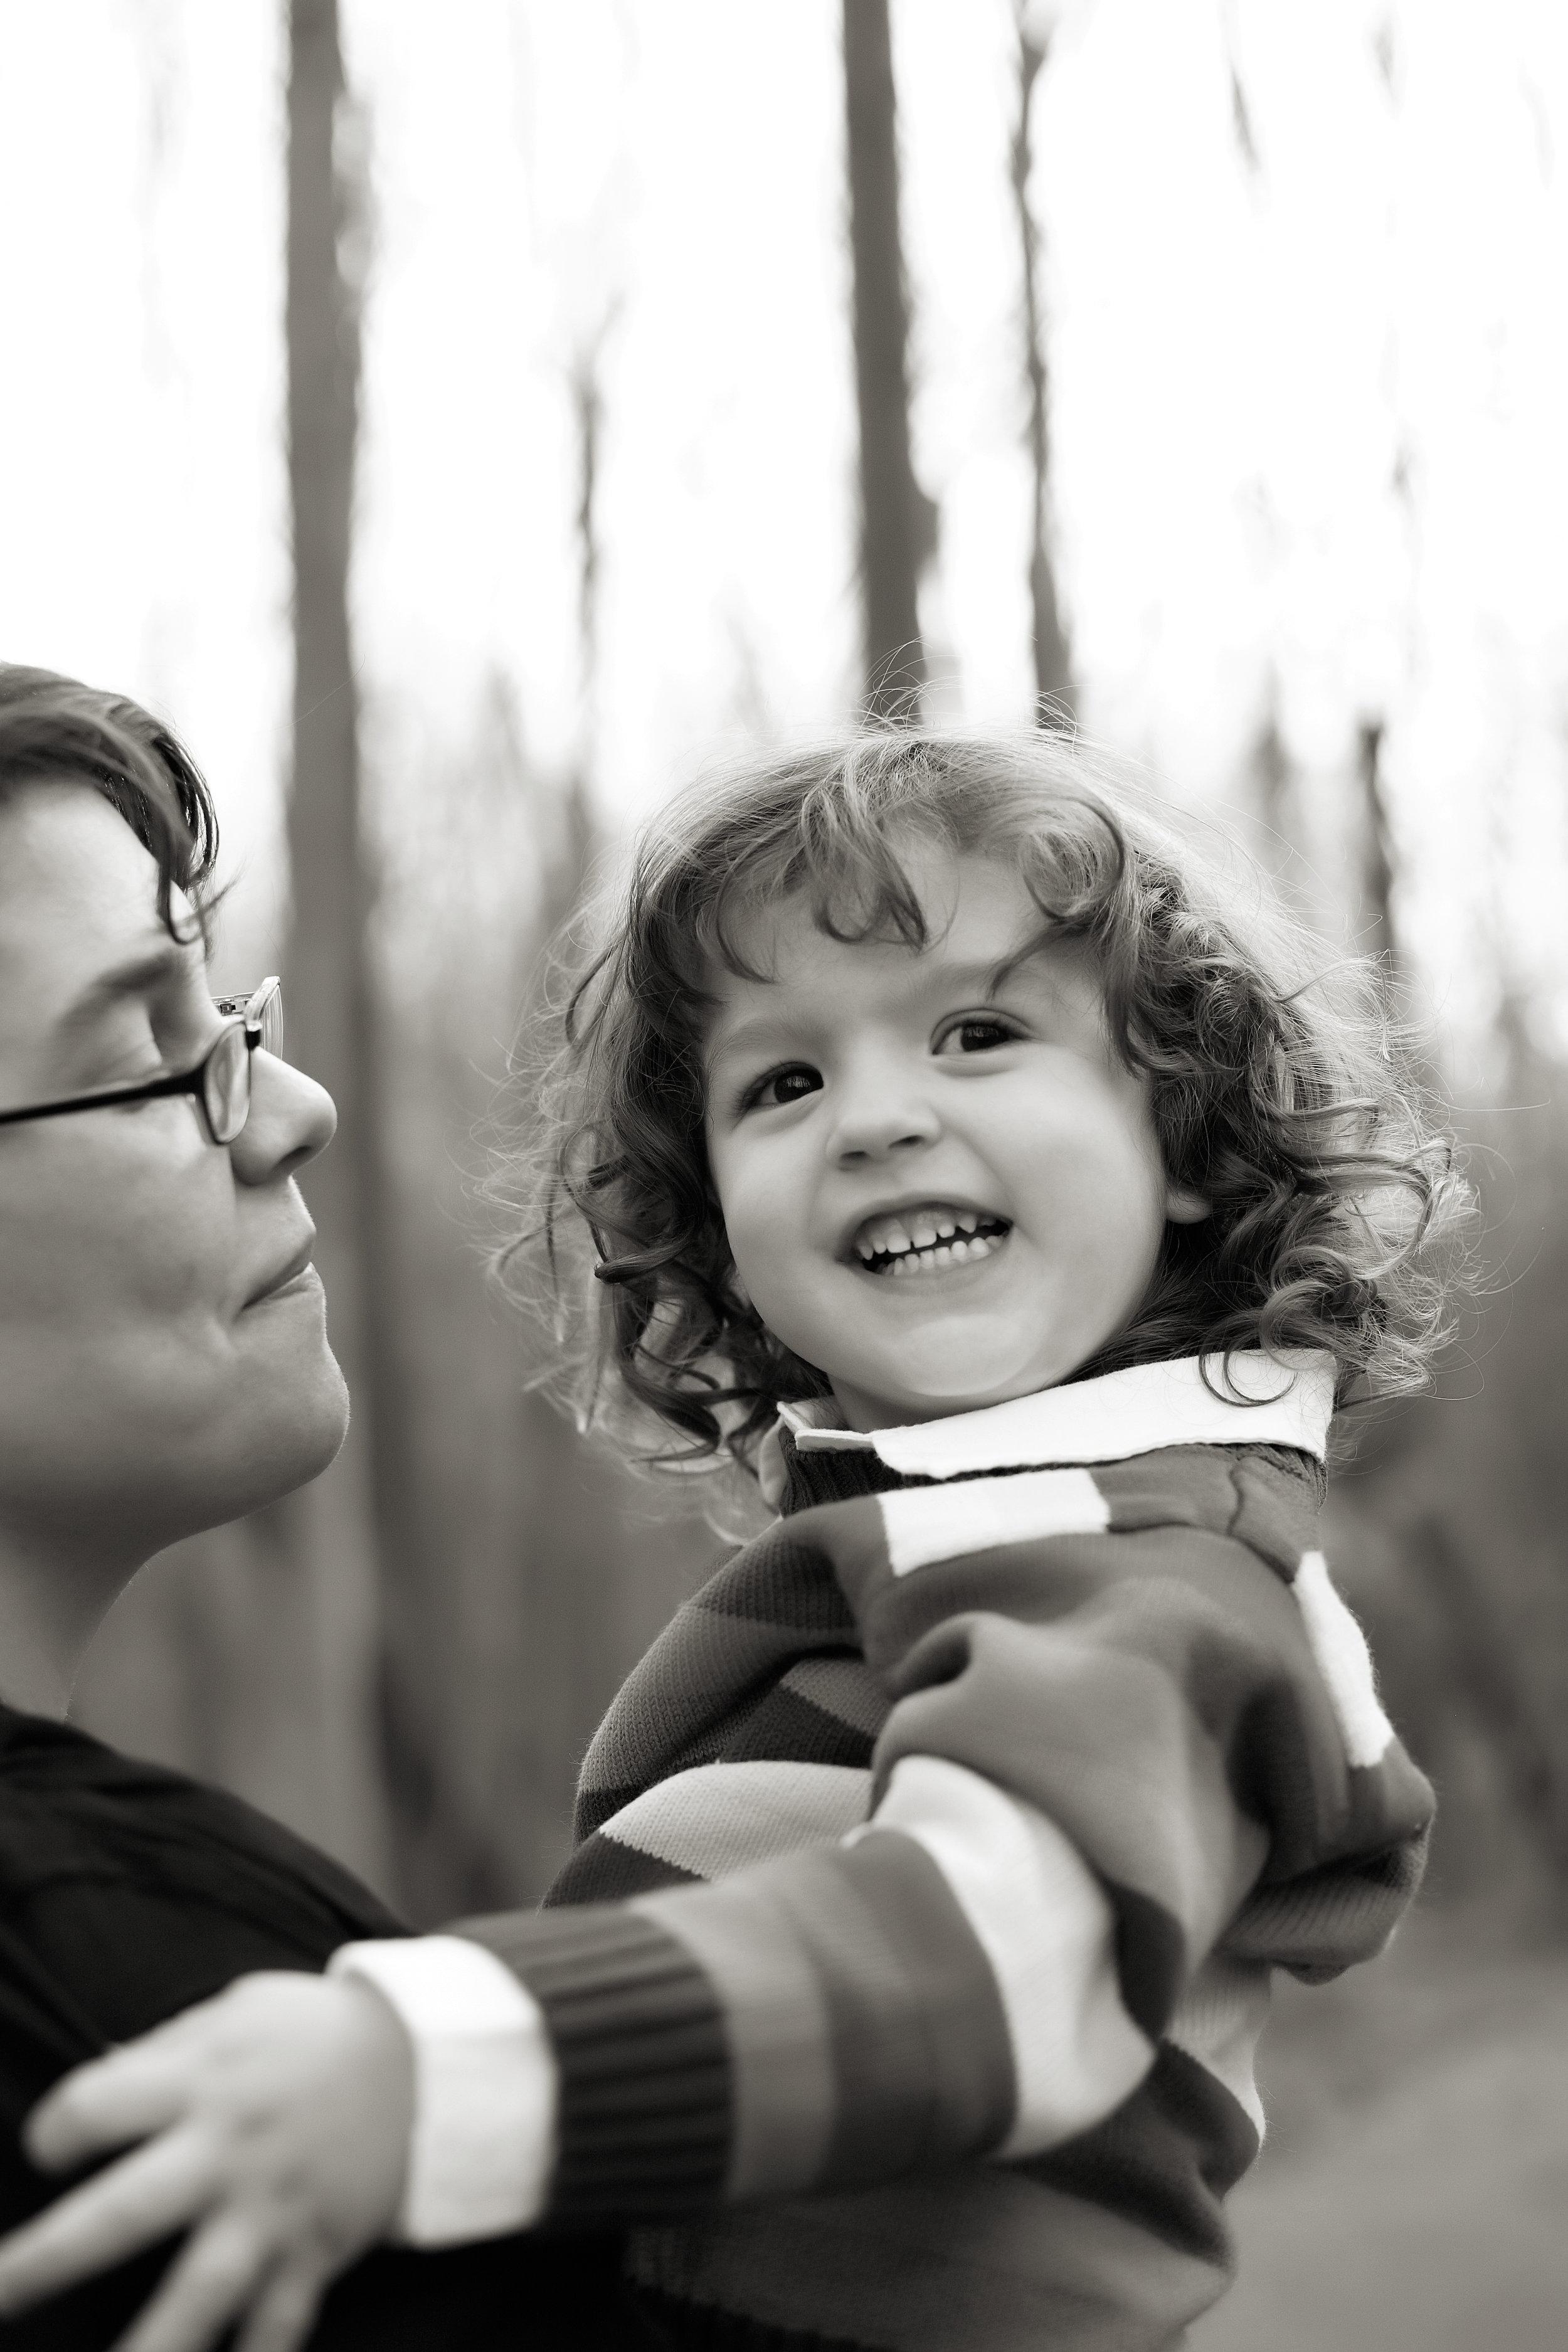 Me & my son, Dillan